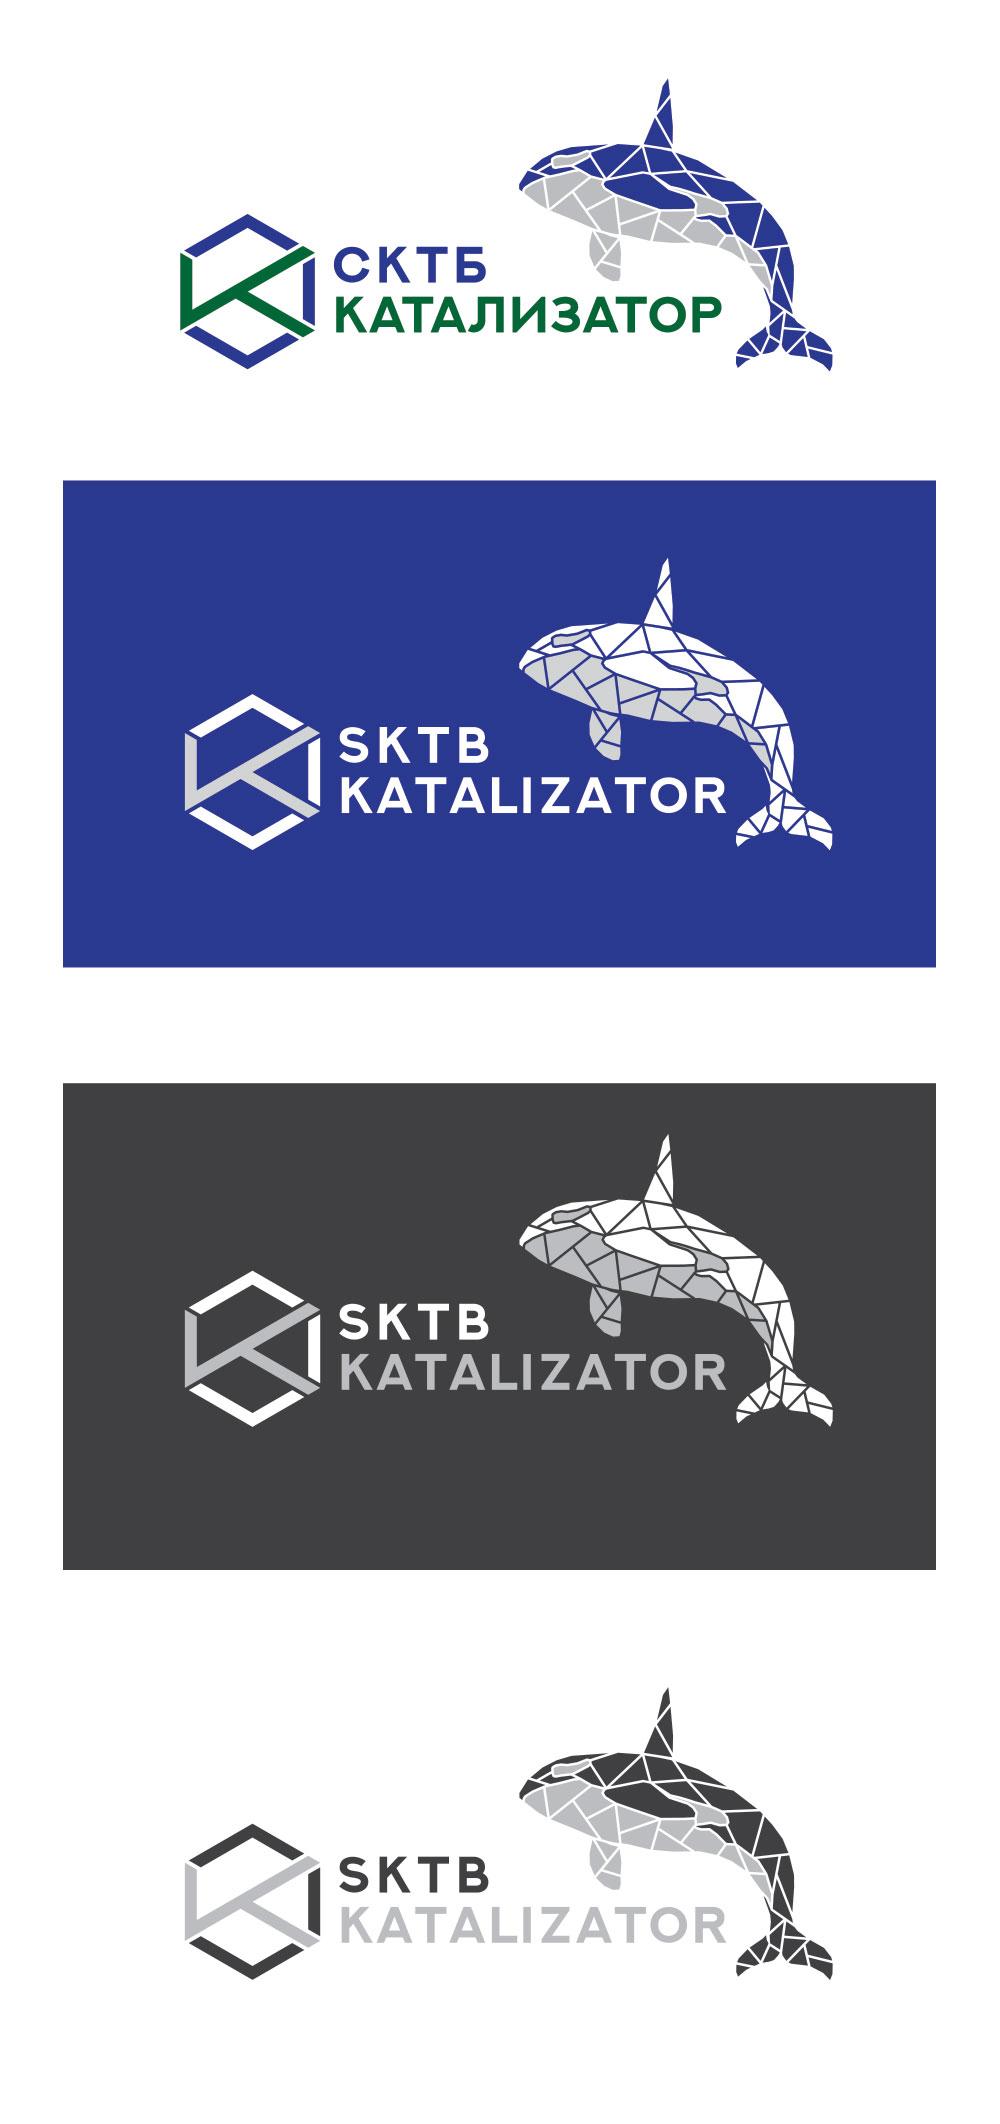 Разработка фирменного символа компании - касатки, НЕ ЛОГОТИП фото f_0015b0445f72ebca.jpg